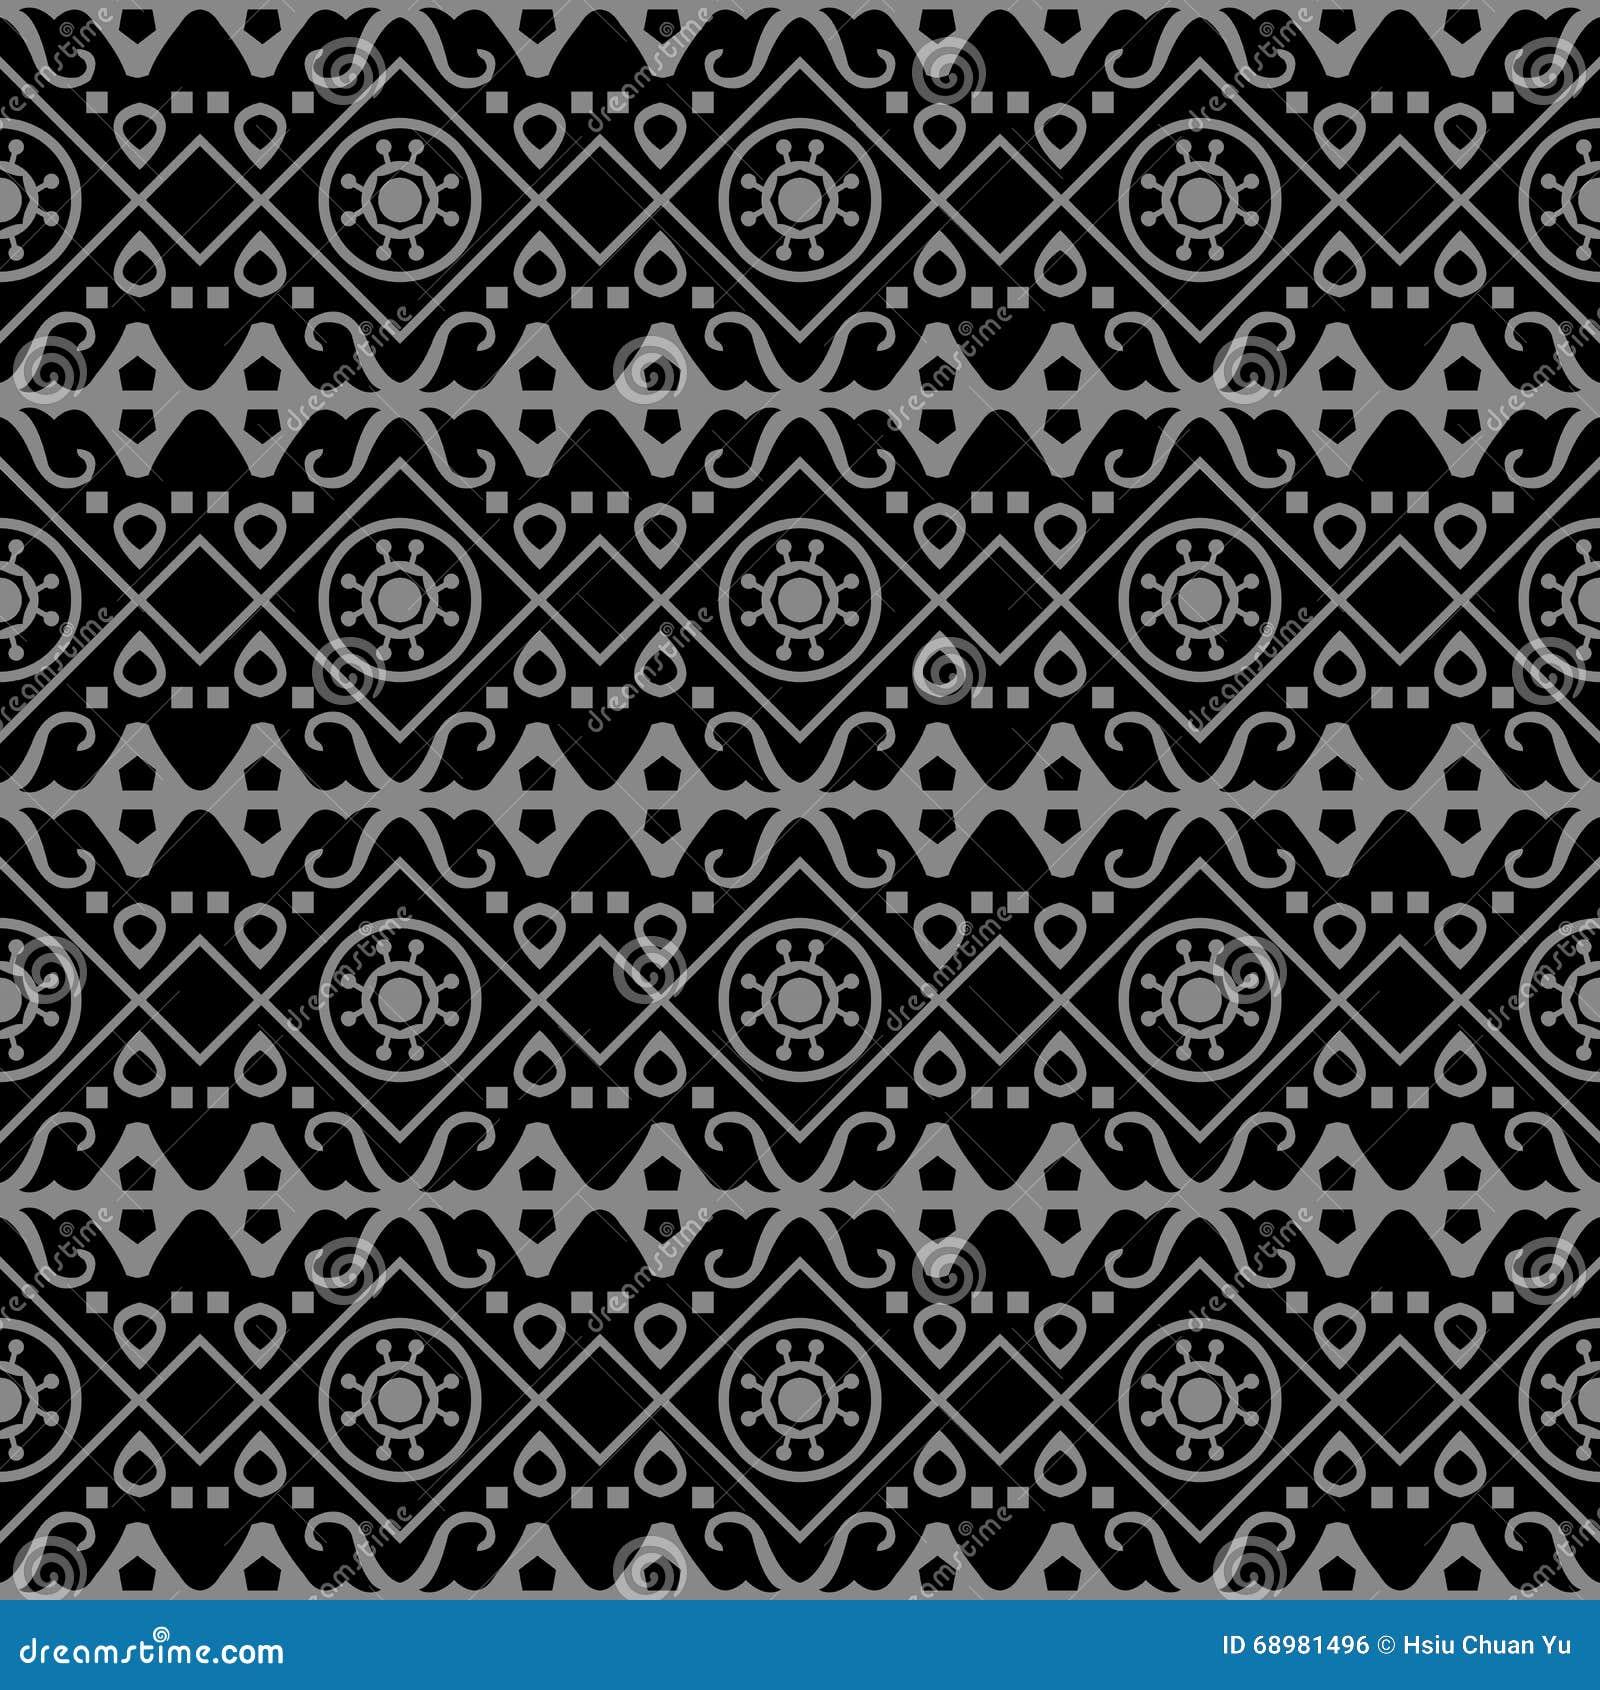 Imagen de fondo antigua oscura elegante del modelo aborigen redondo de la geometría del control